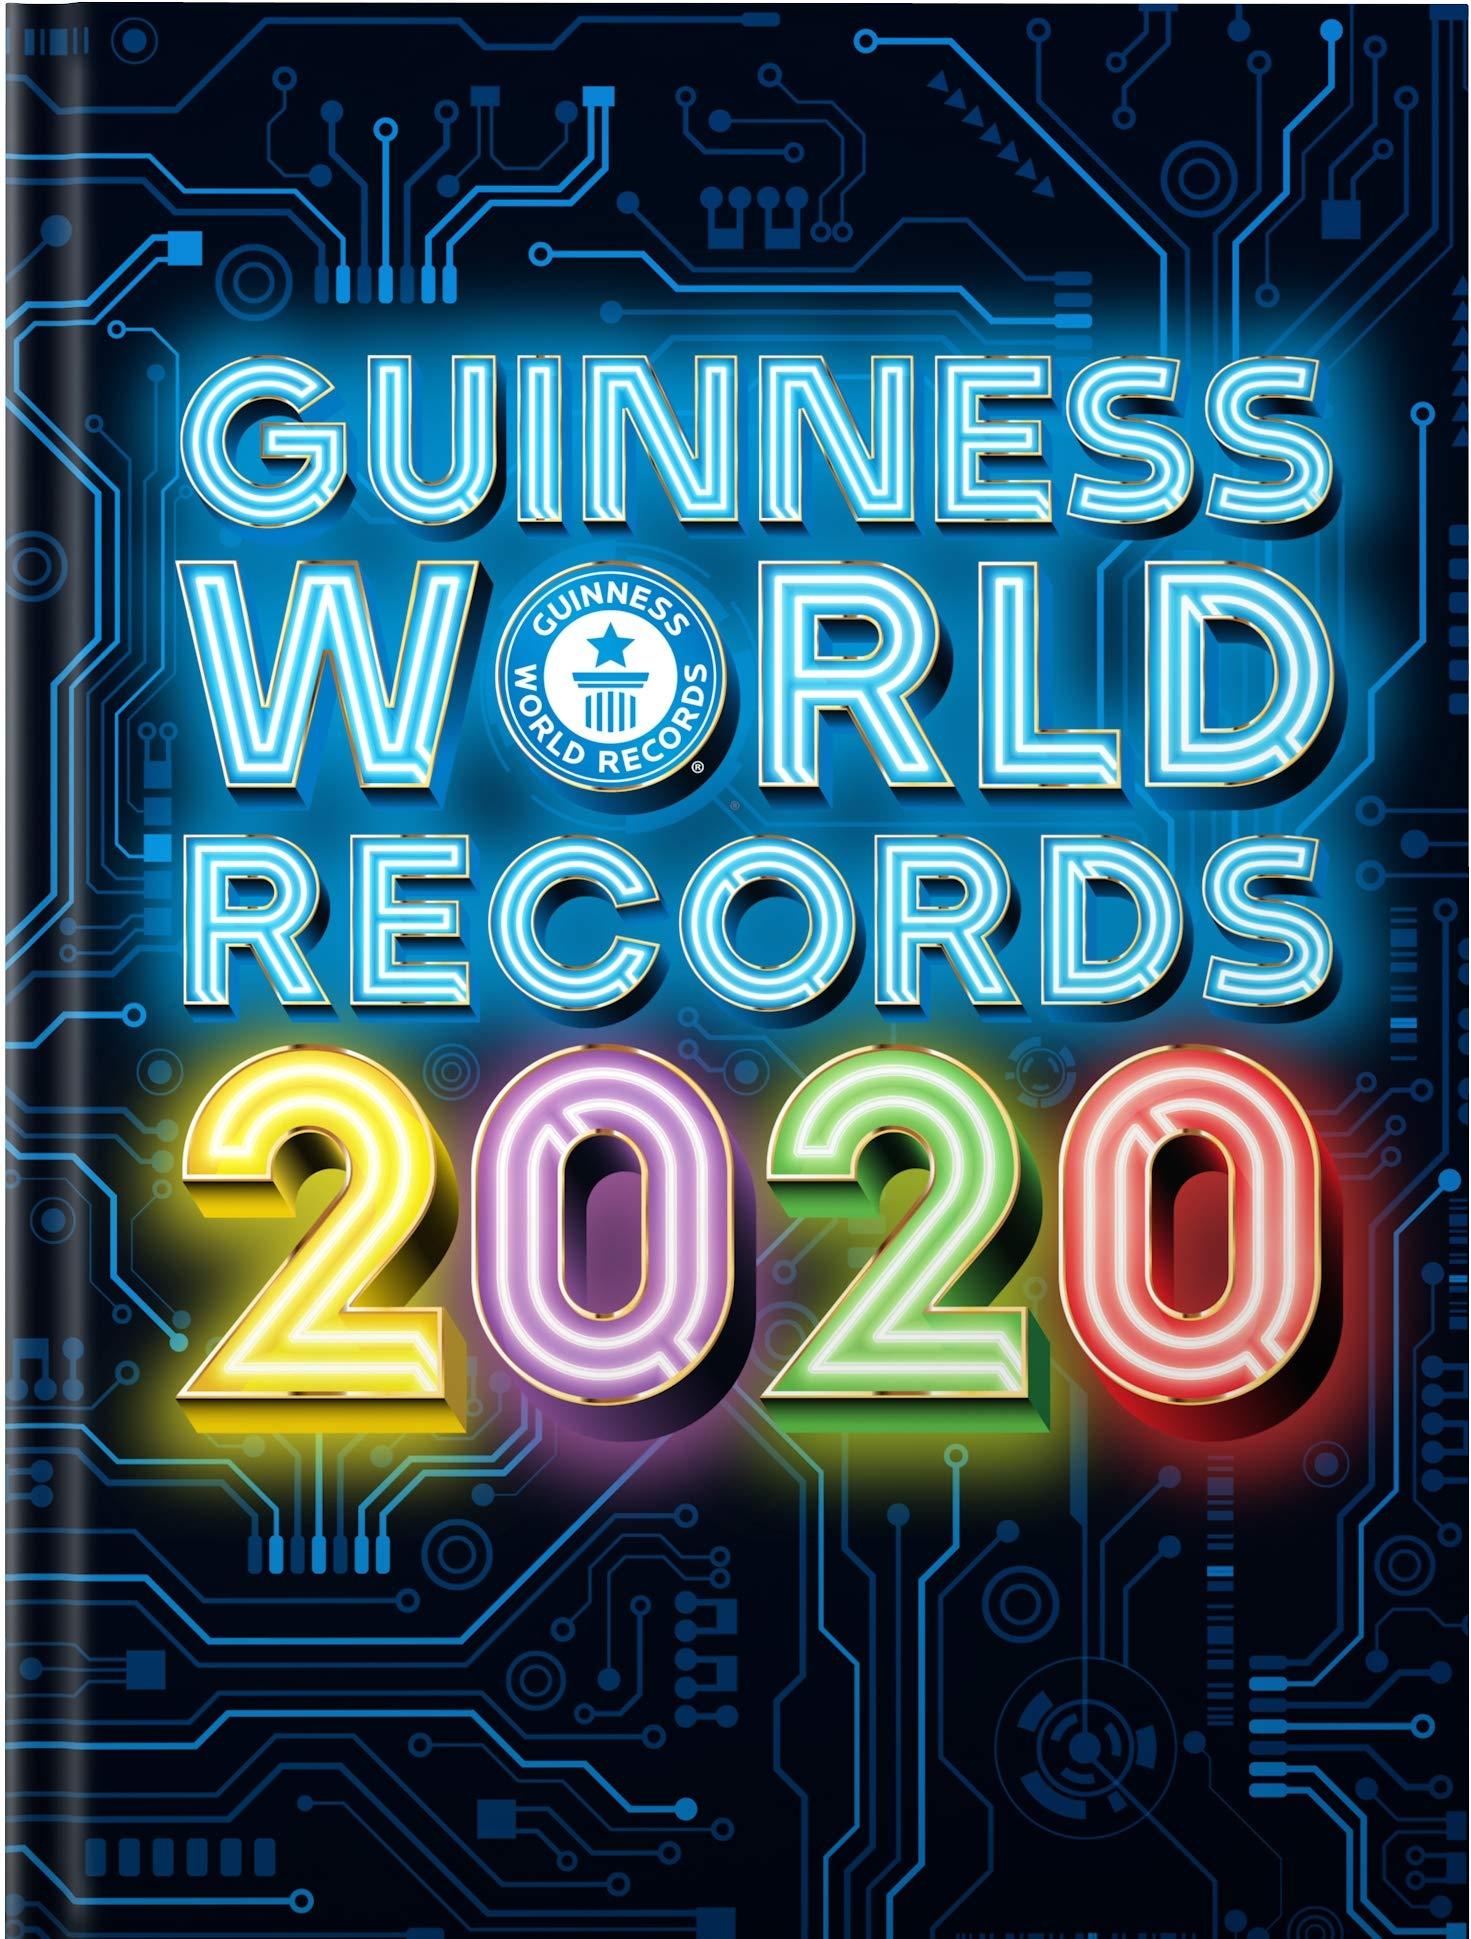 Guinness World Records 2020 (Hardcover) £3 prime / £5.99 non prime @ Amazon